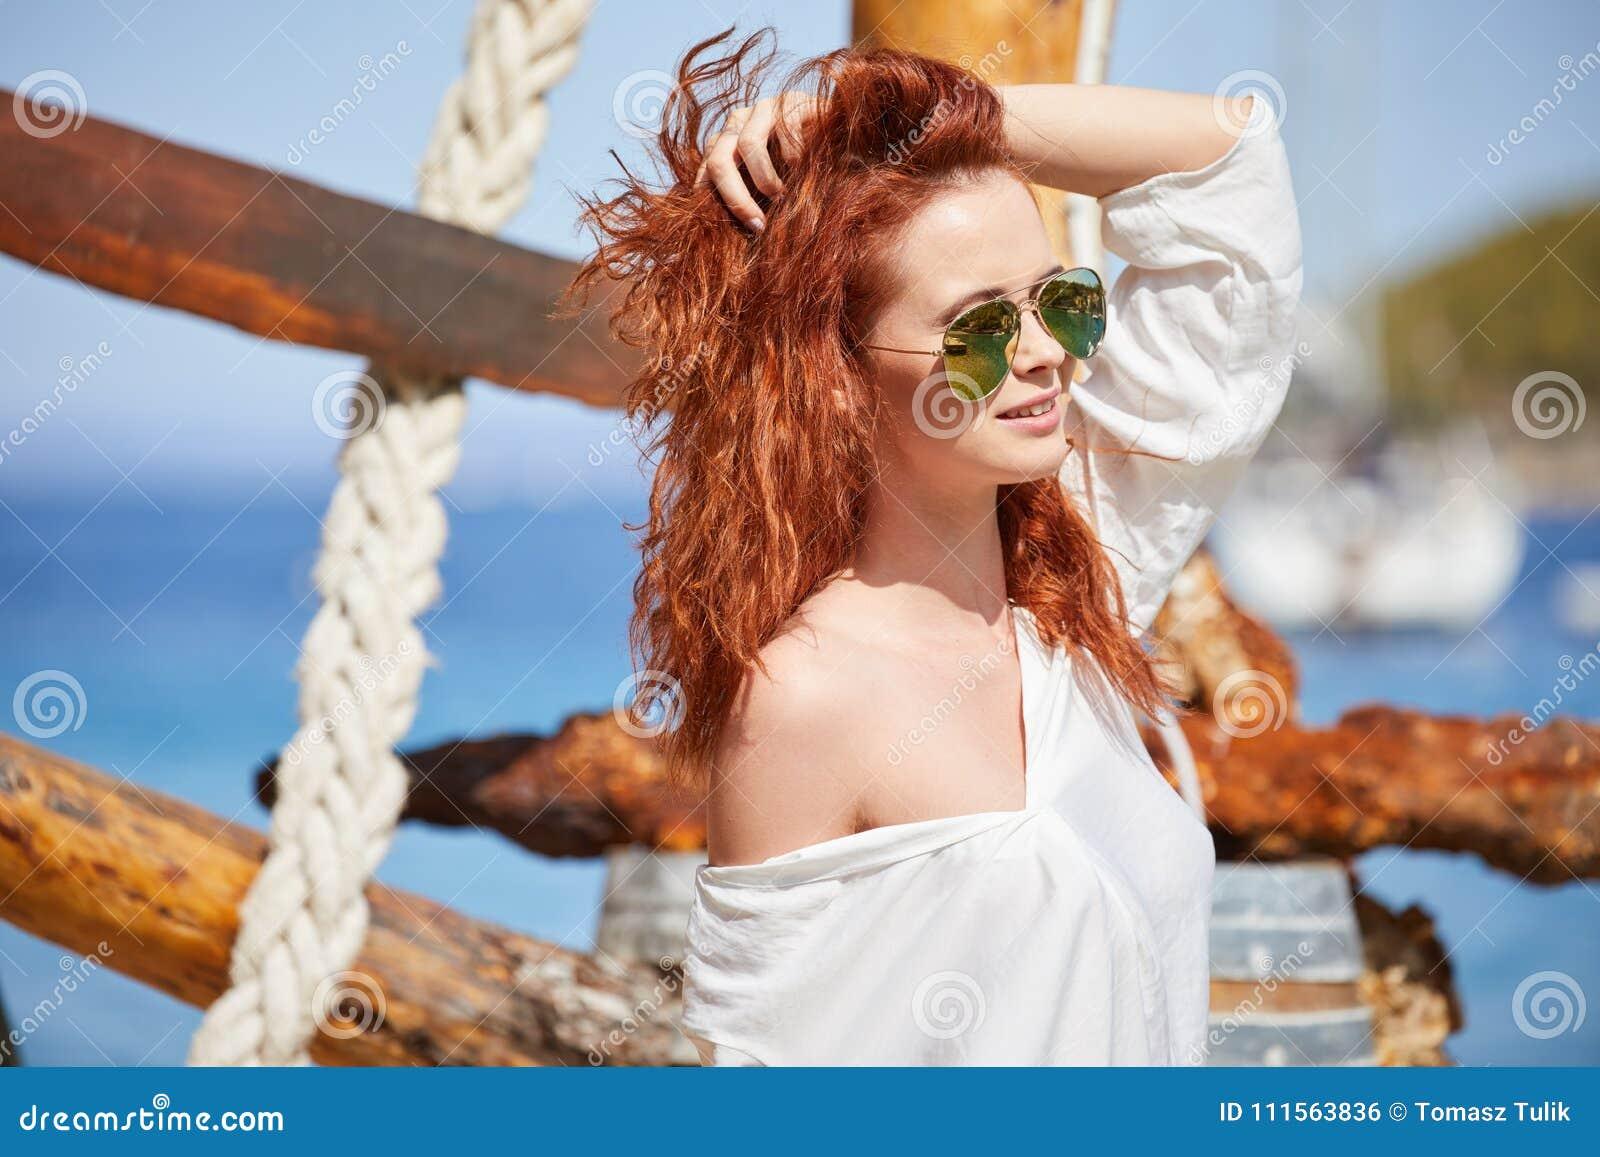 sexy kroatin